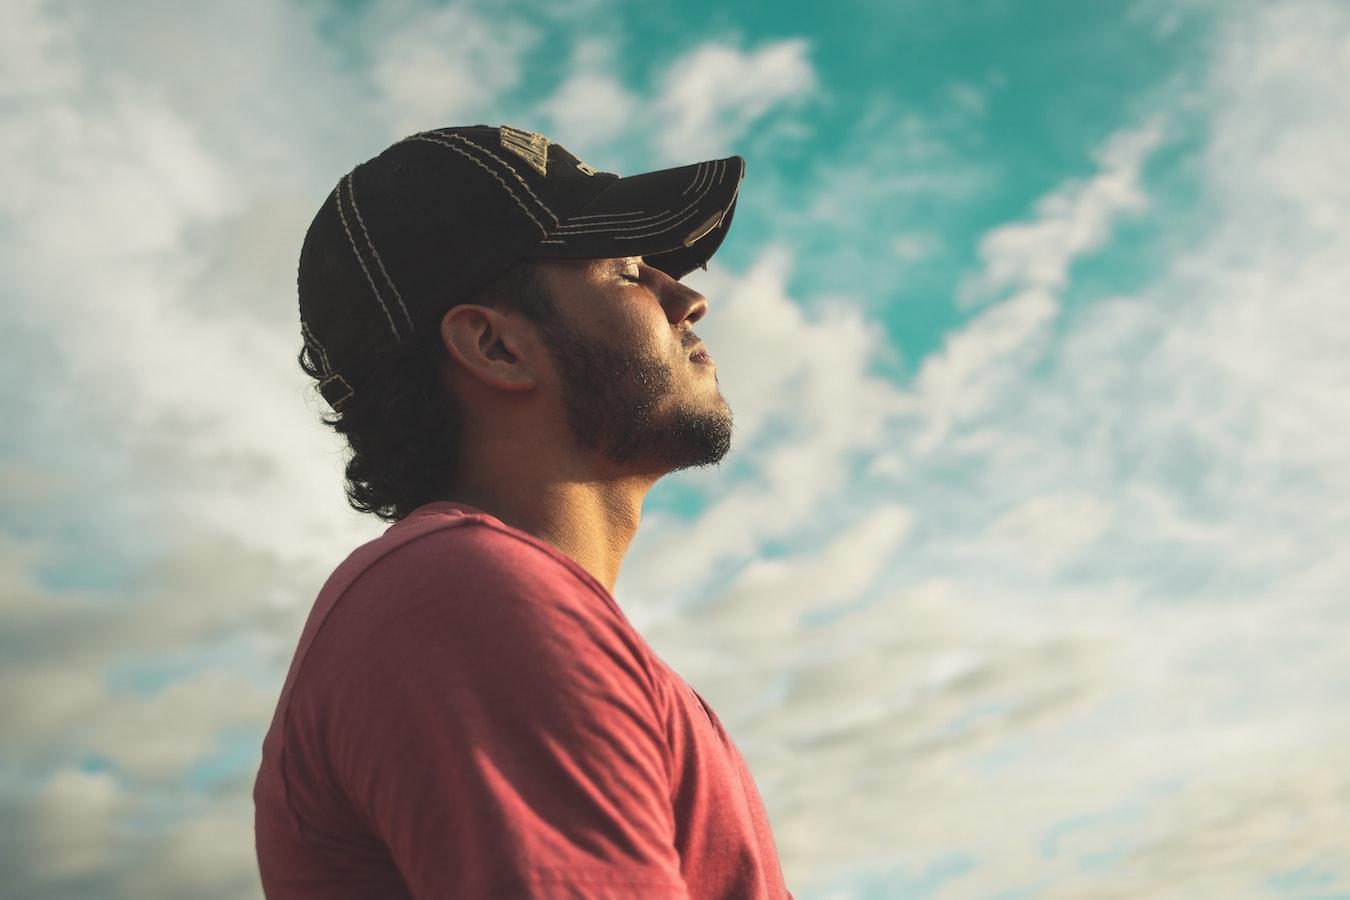 junger Mann mit Cap schaut nachdenklich in den Himmel und will seine negativen Gedanken loswerden